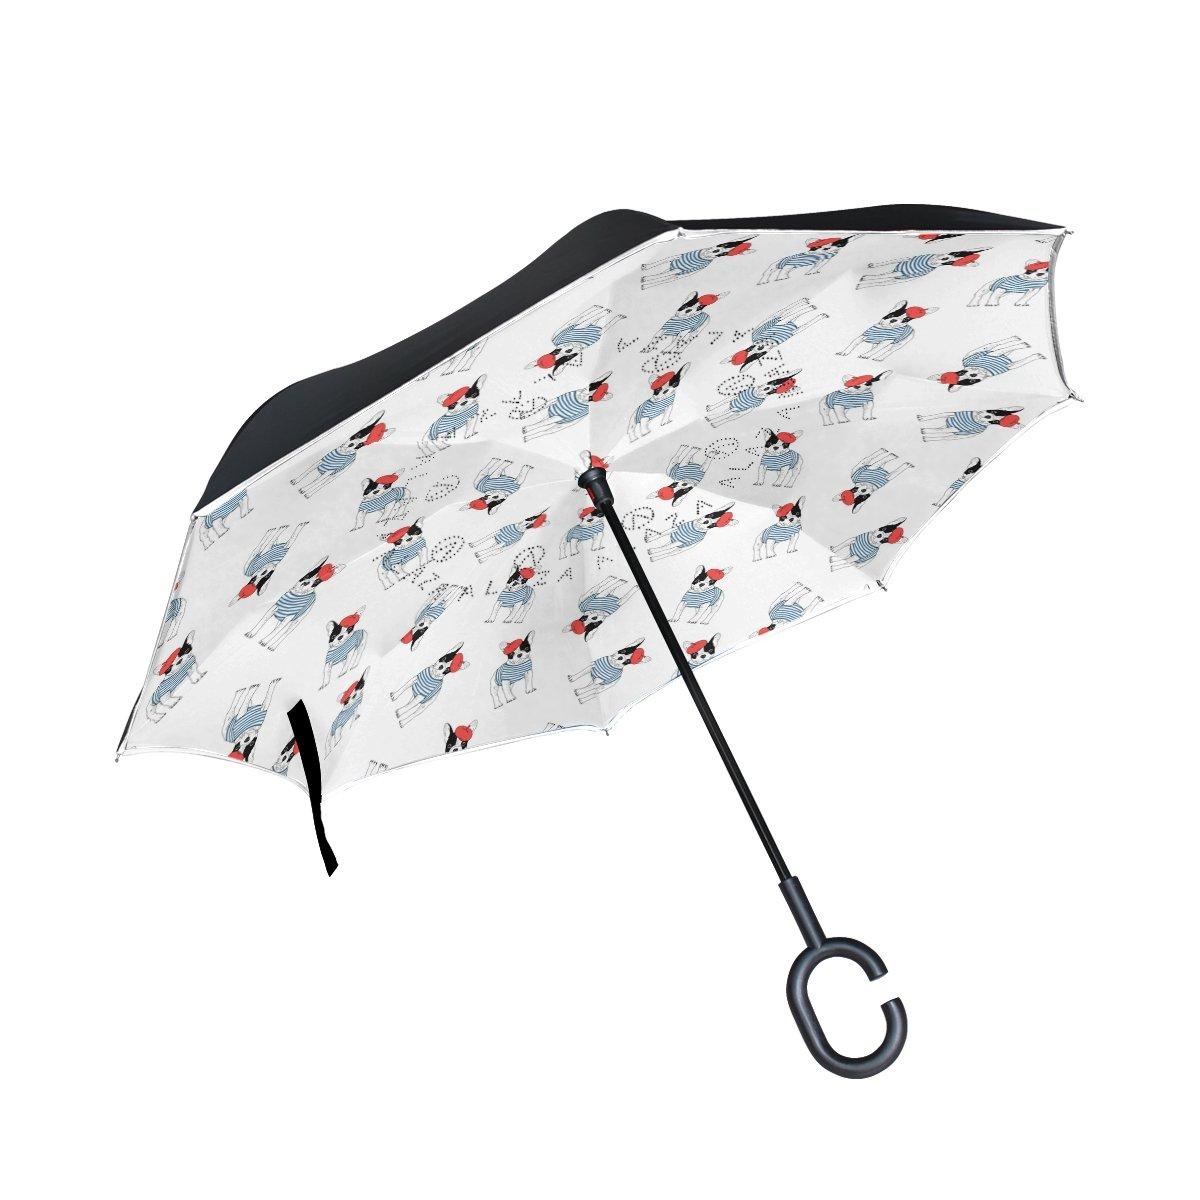 COOSUN Paraguas invertido de Doble Capa con Patrón de Bulldog Francés para Coche y Exterior, Resistente al Viento, Resistente al Agua, Protección UV, ...